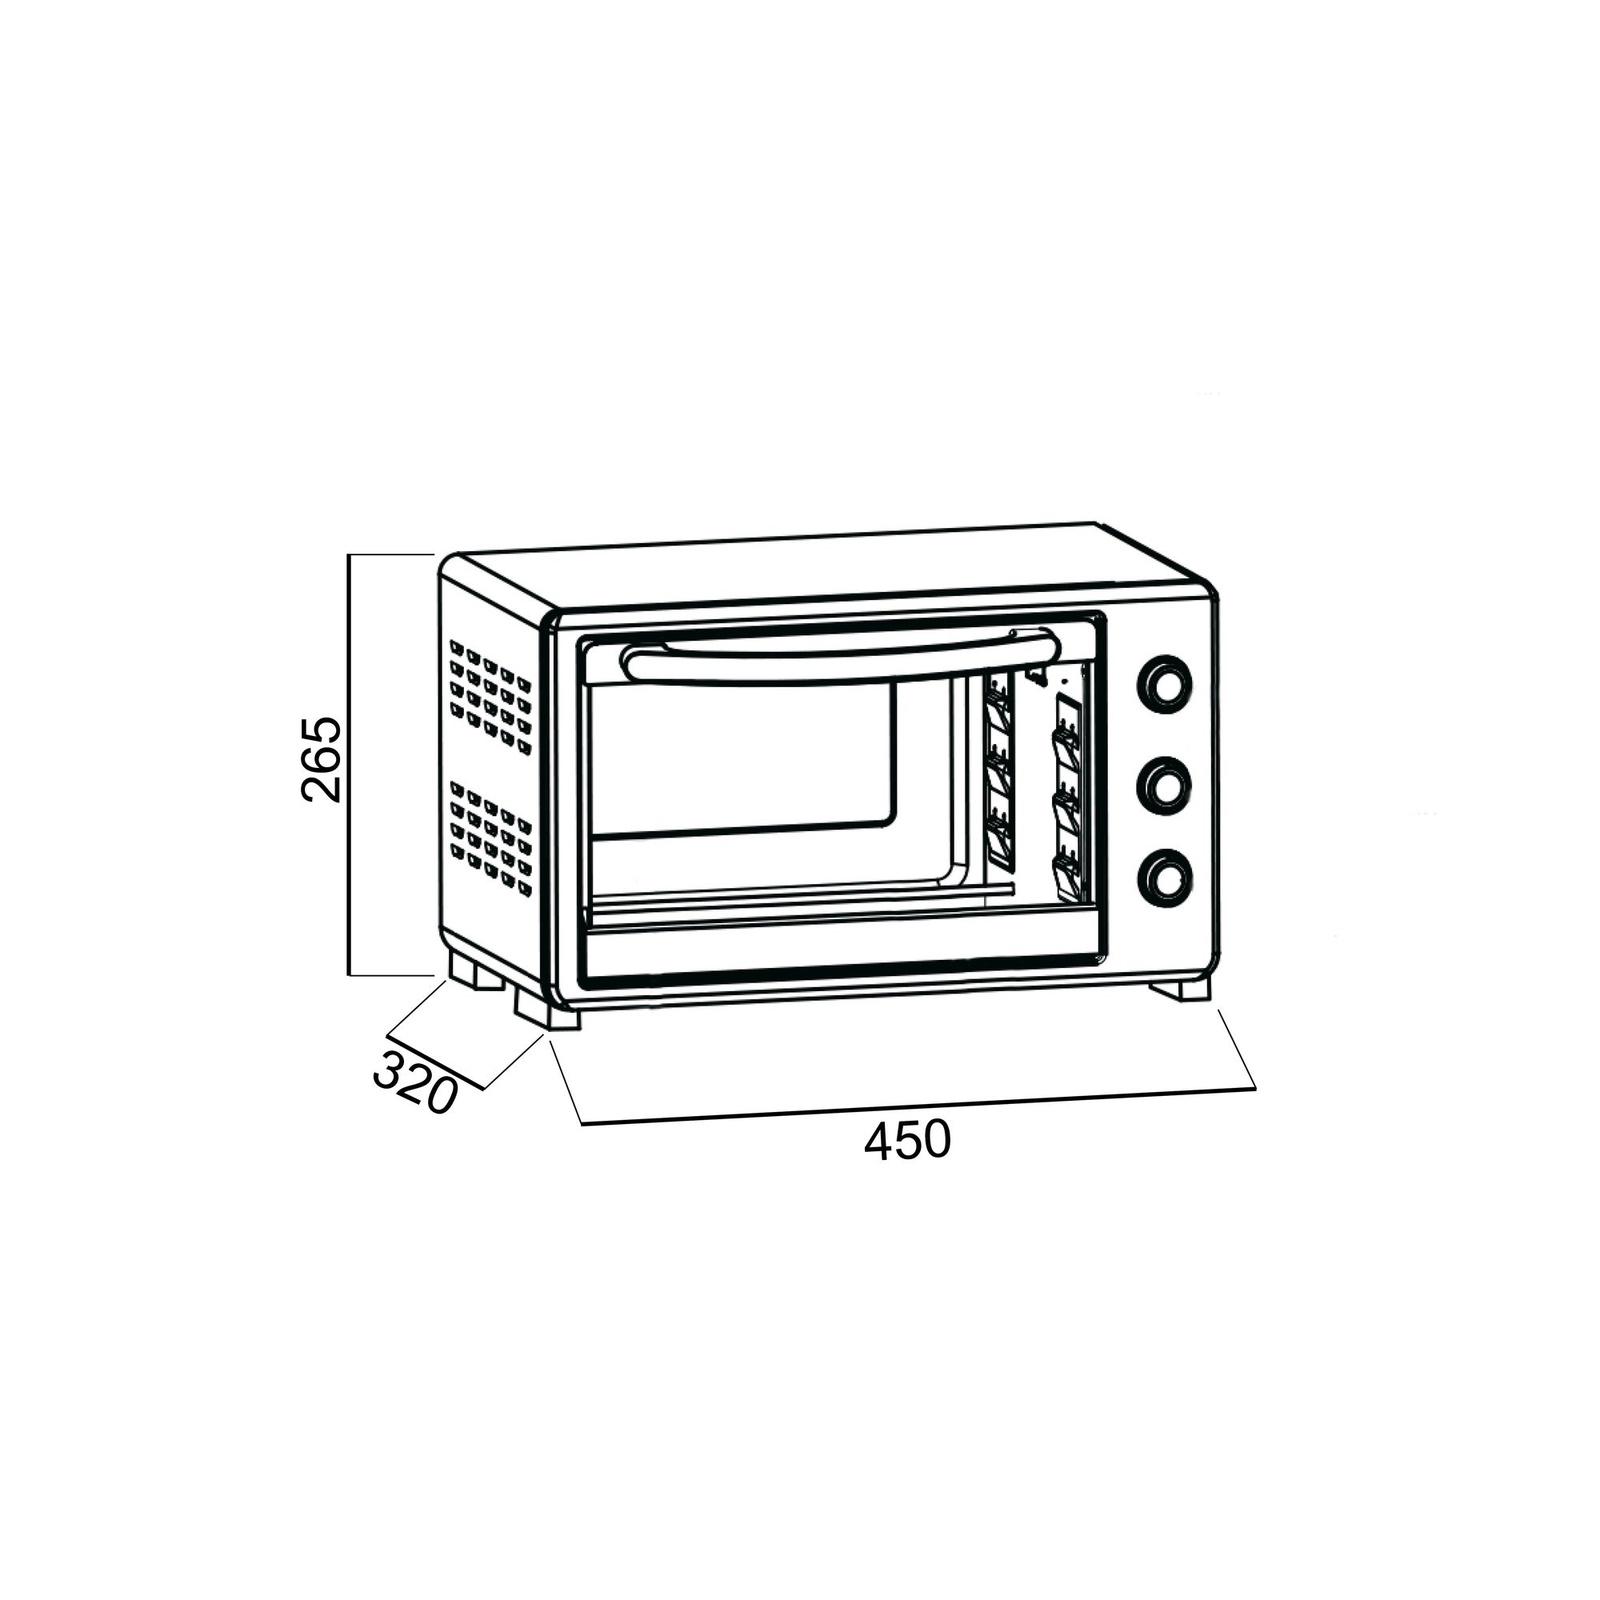 Электропечь ORE VAT20, цвет: белый, 20л. ORE